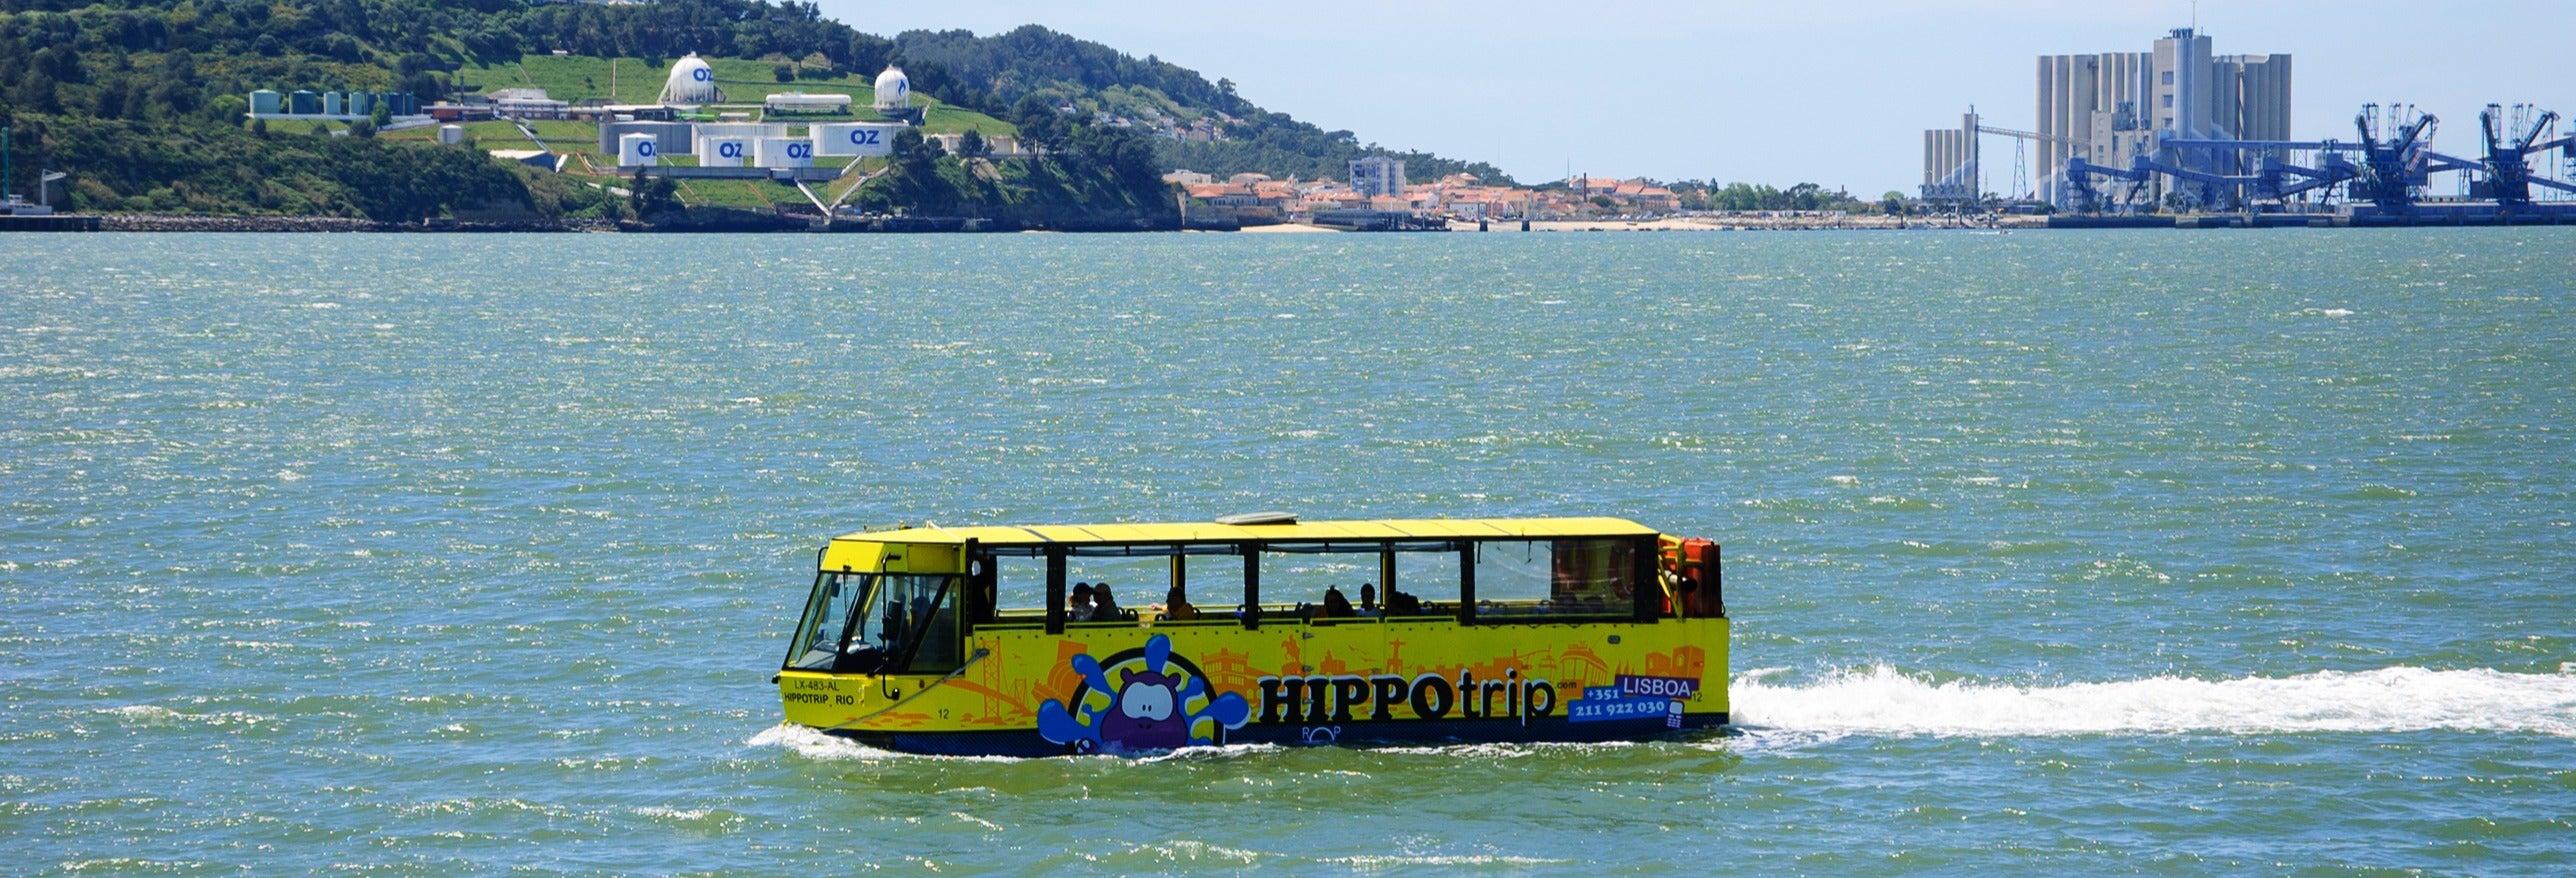 Tour en bus amphibie dans Lisbonne